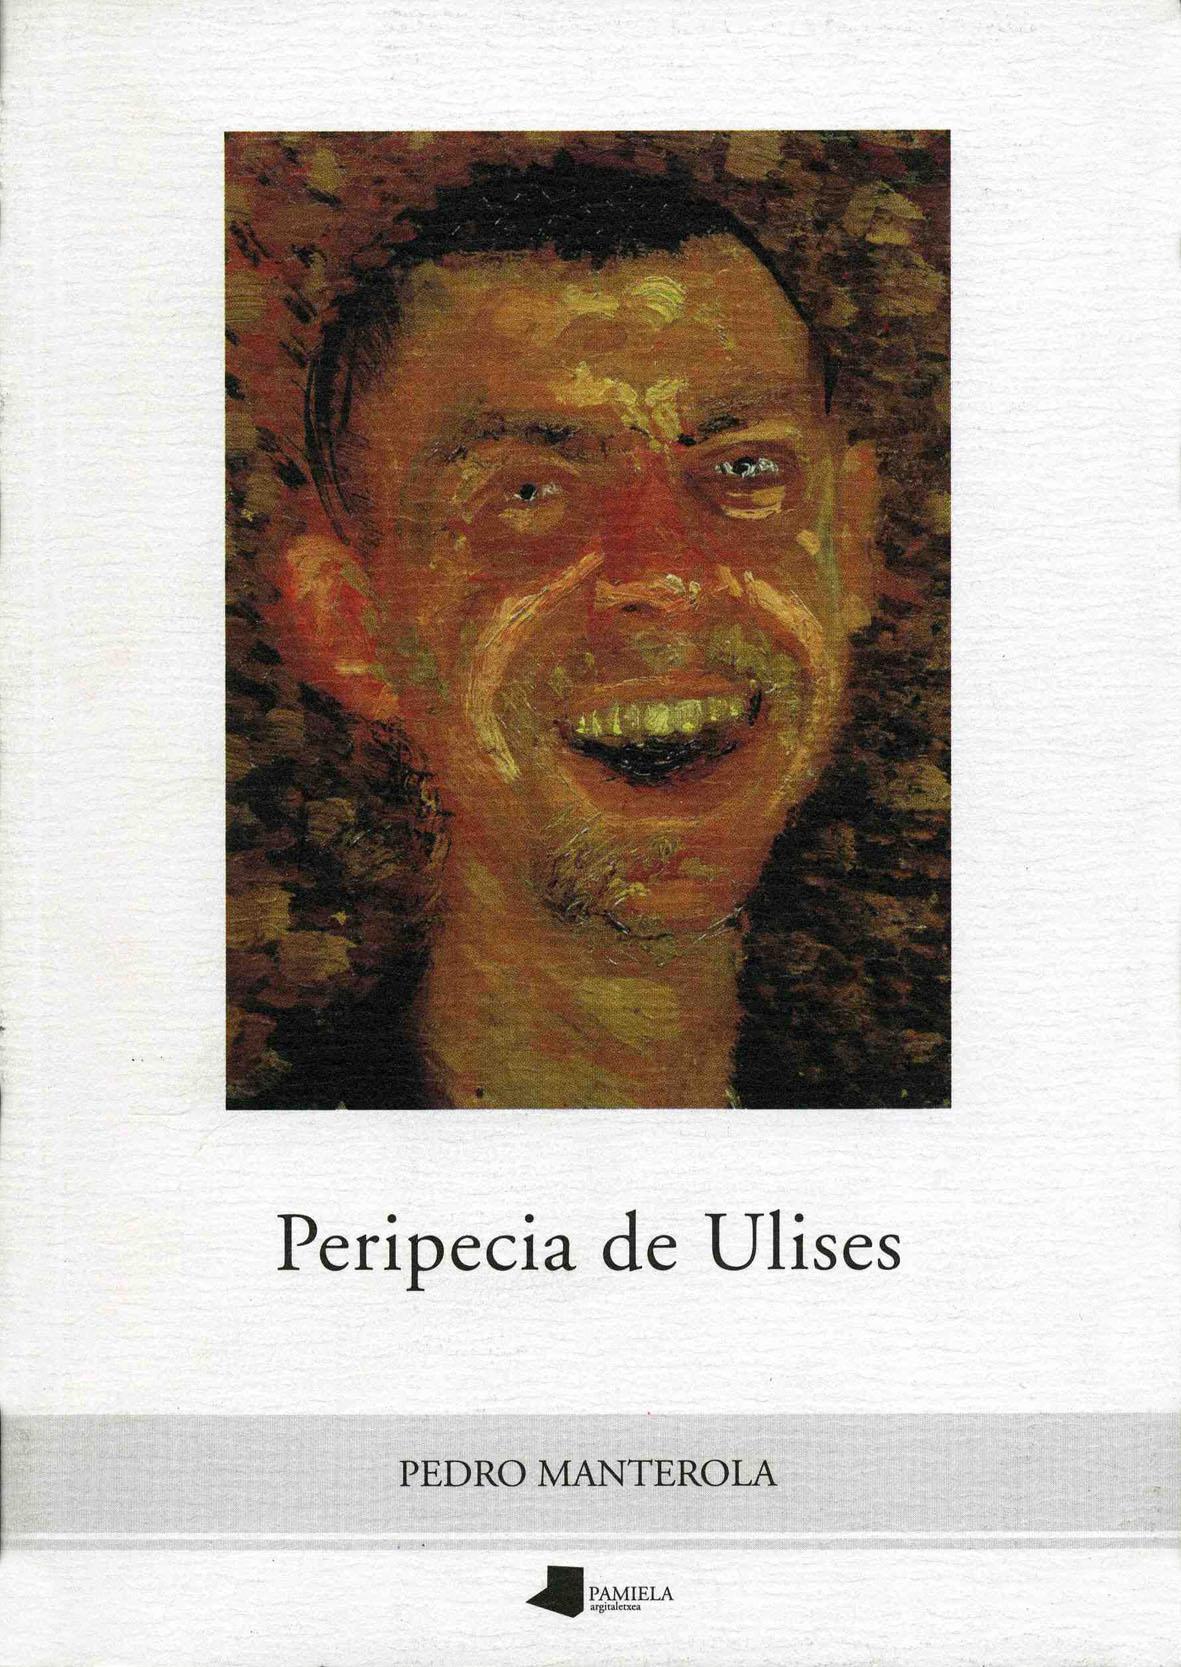 PERIPECIA DE ULISES